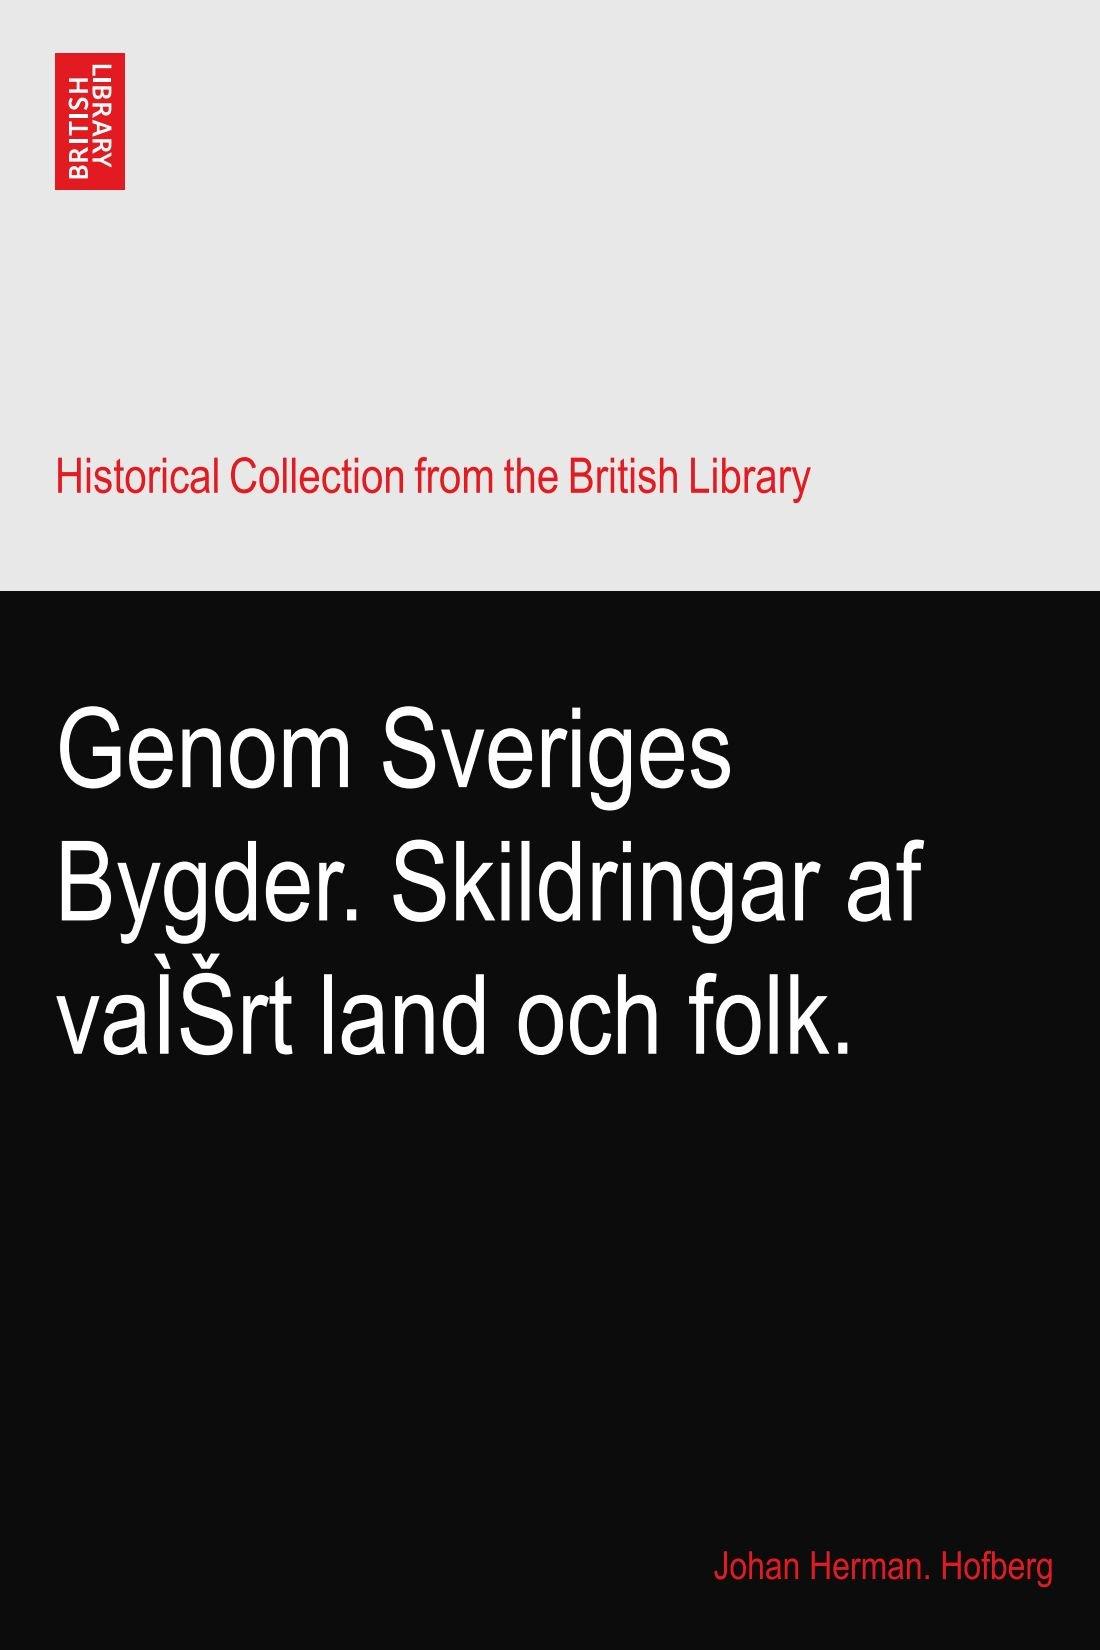 Genom Sveriges Bygder. Skildringar af vaÌŠrt land och folk.